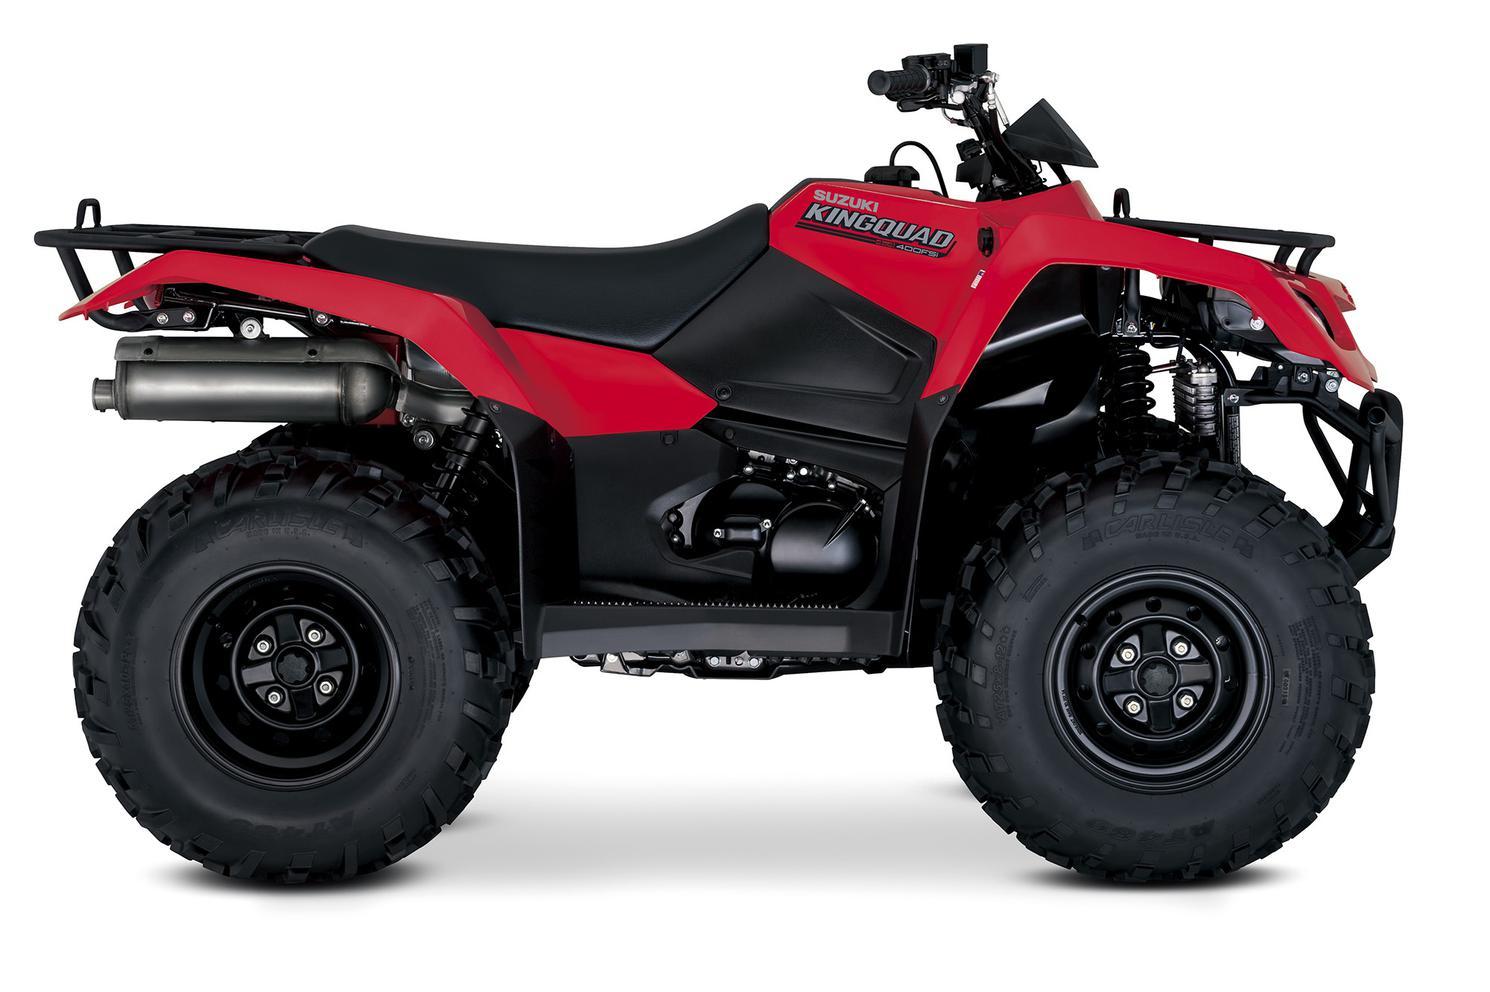 Suzuki KingQuad 400 Rouge Flame 2022